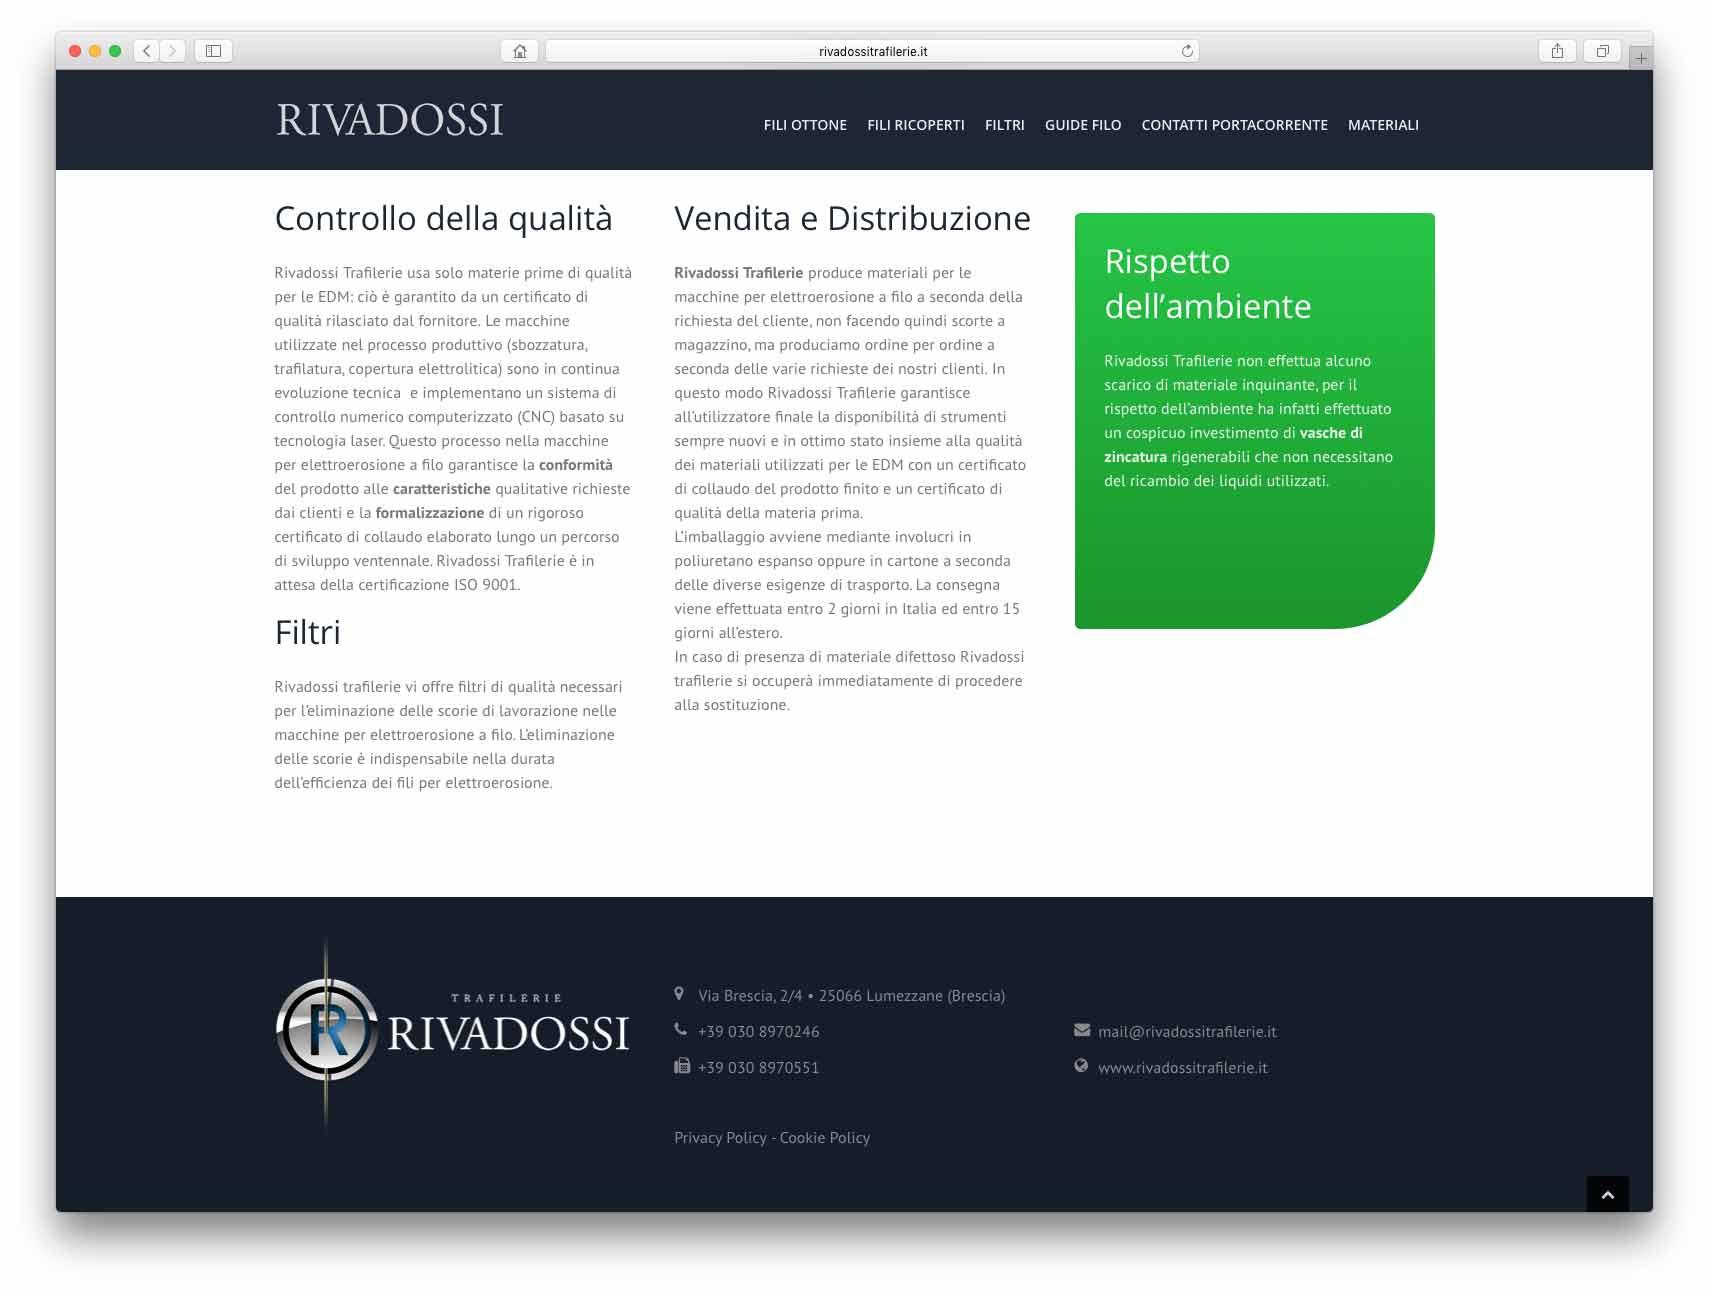 Creazione Siti Web Brescia - Sito Web Rivadossi Trafilerie